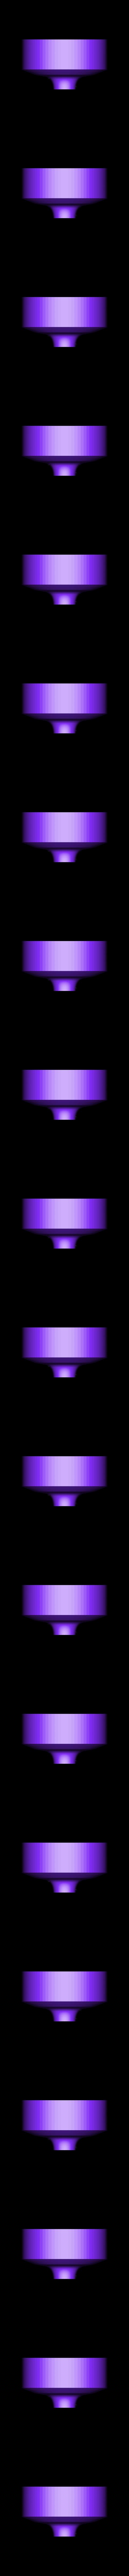 funnel.stl Télécharger fichier STL gratuit entonnoir avec crépine pour résine et autre trou de 25mm de diamètre • Modèle à imprimer en 3D, mariospeed